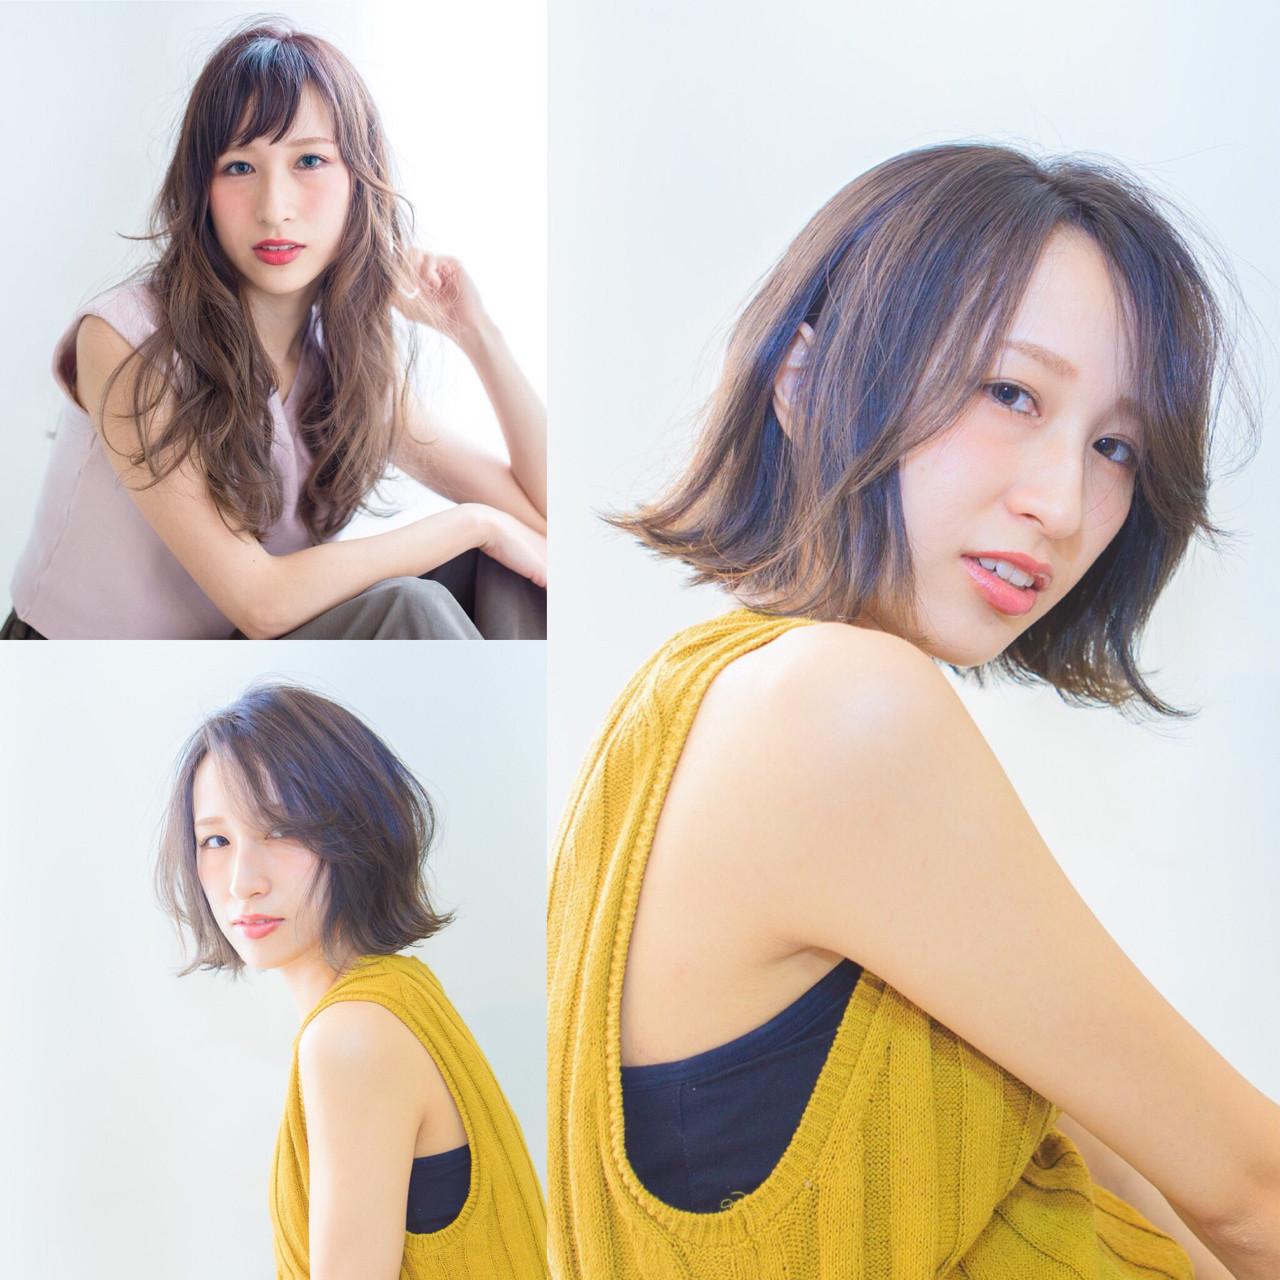 ブルーアッシュ ボブ 切りっぱなし ブルー ヘアスタイルや髪型の写真・画像 | 内田 一也 / hair/nail space a:le